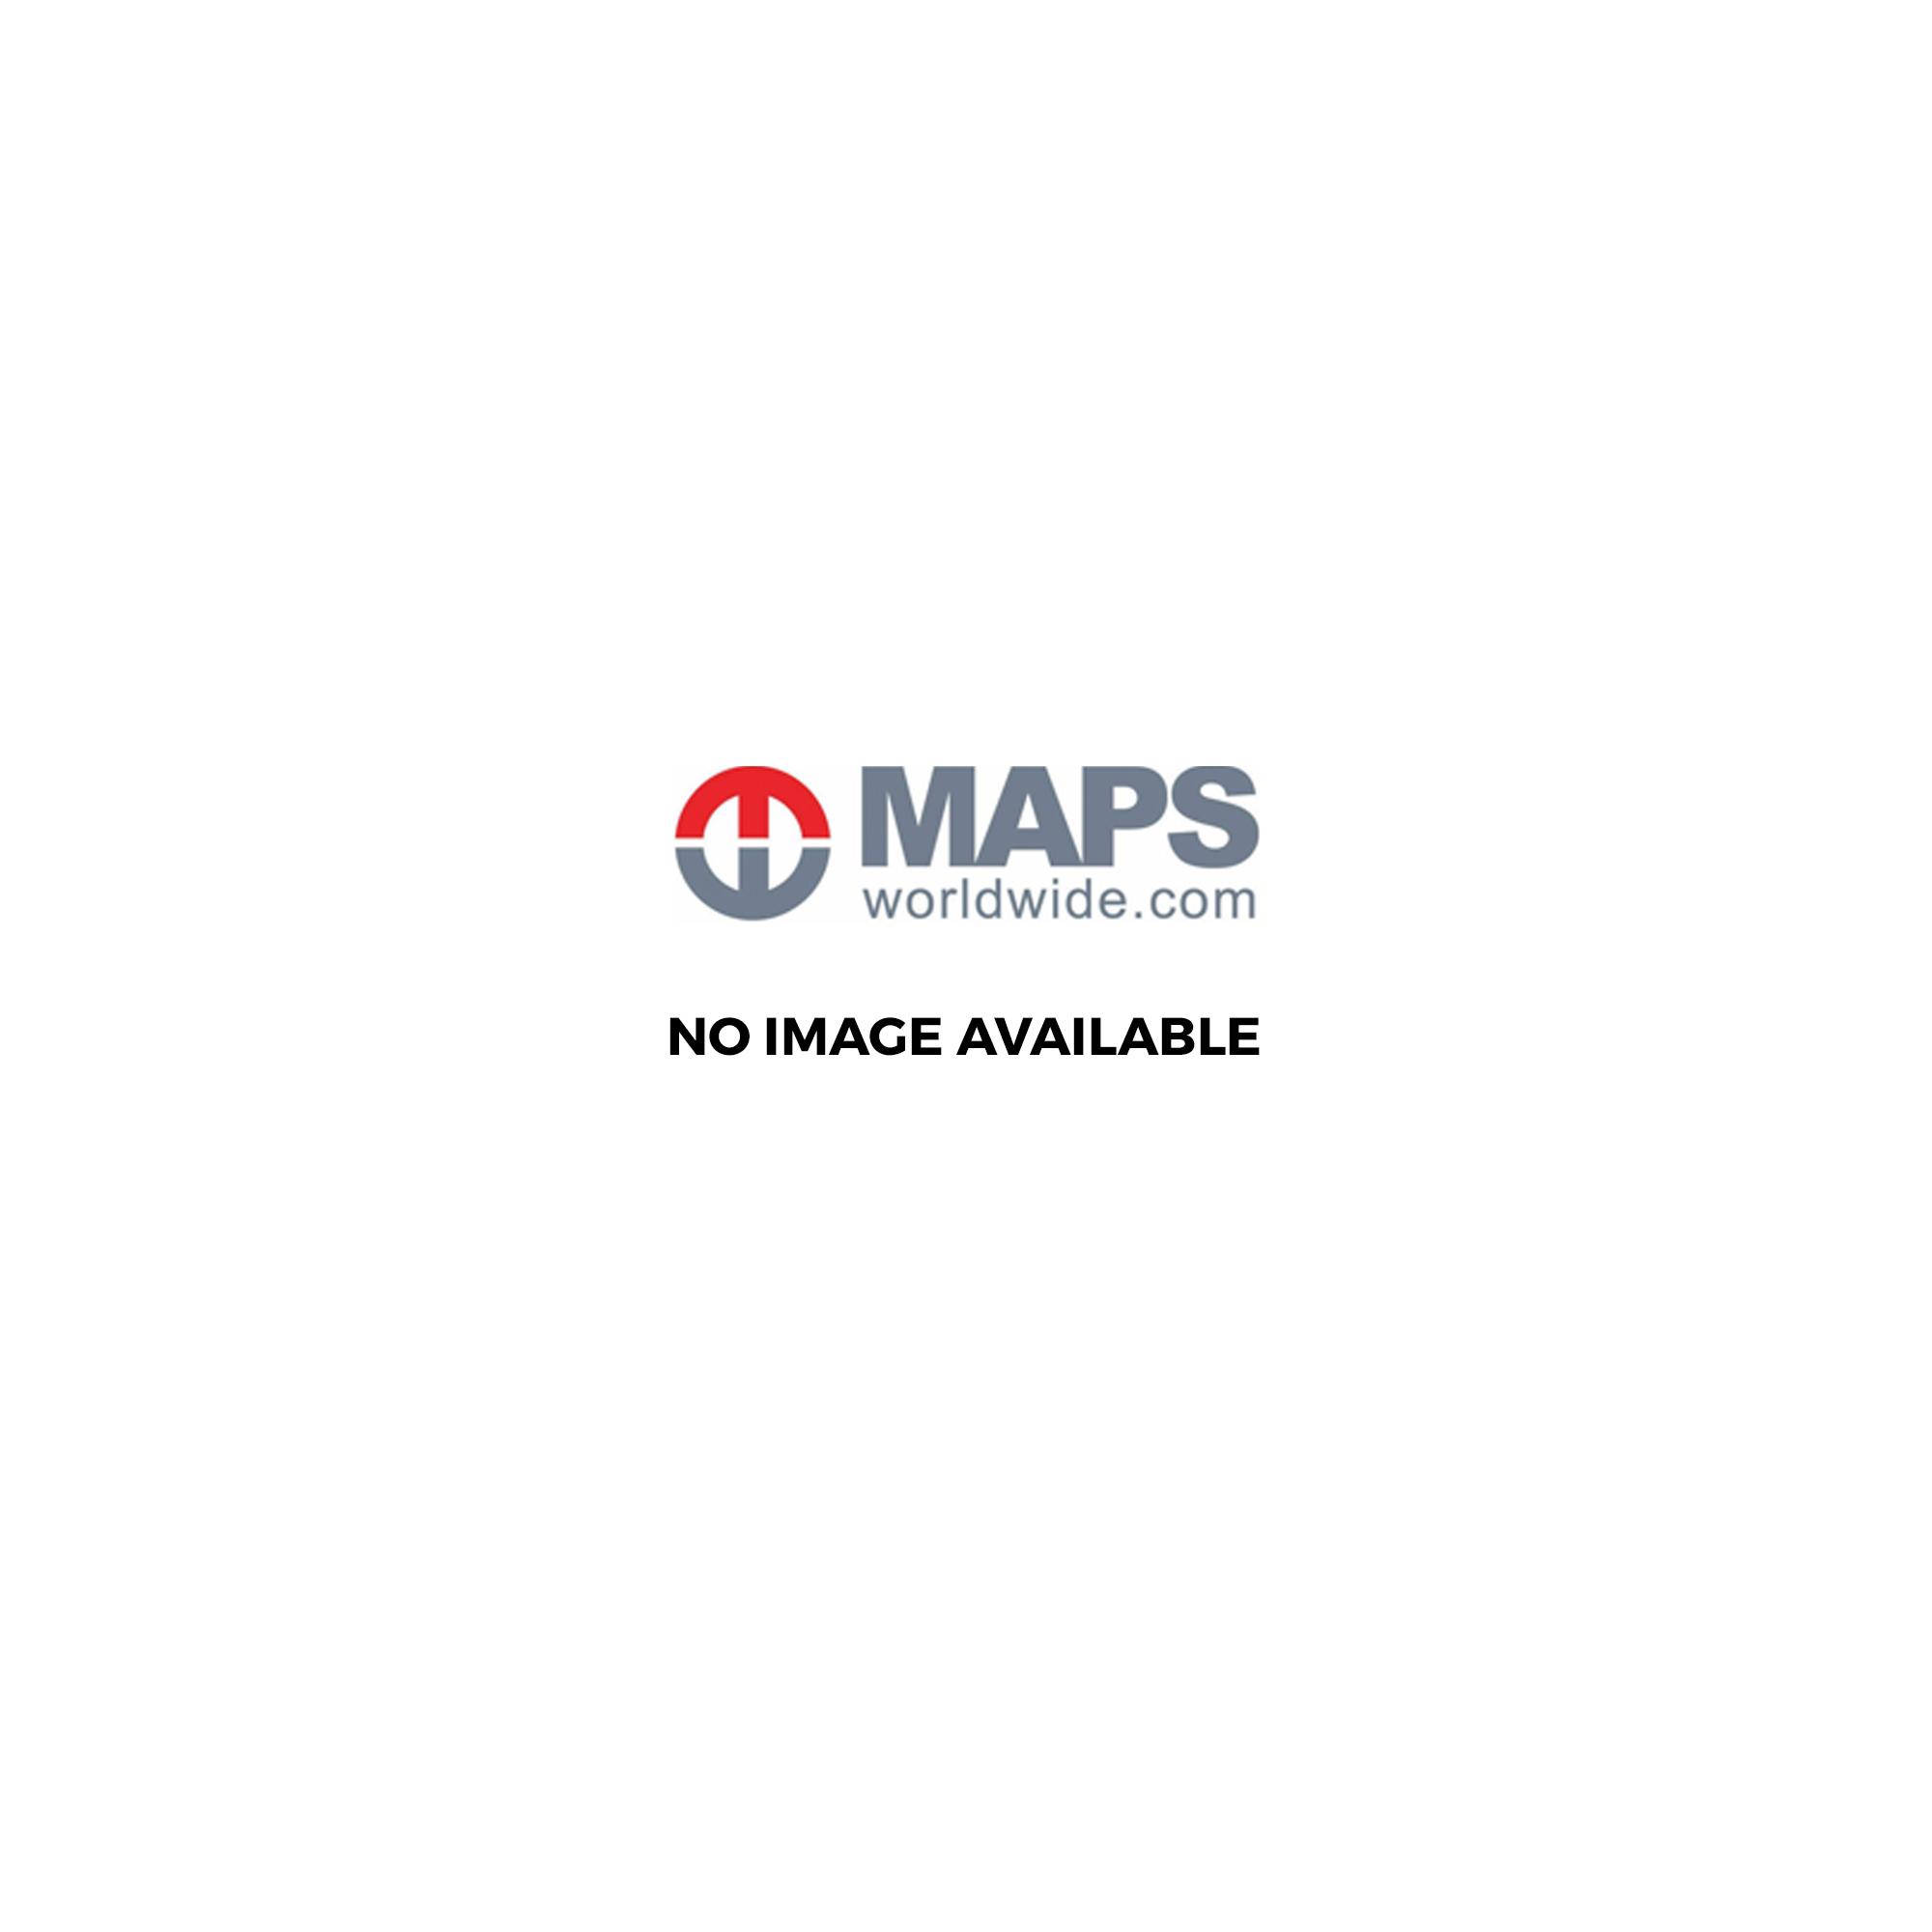 Dachstein Karte.Dachstein Mountains Schladming Tauern 3 Map Set Kompass Hiking Map 293